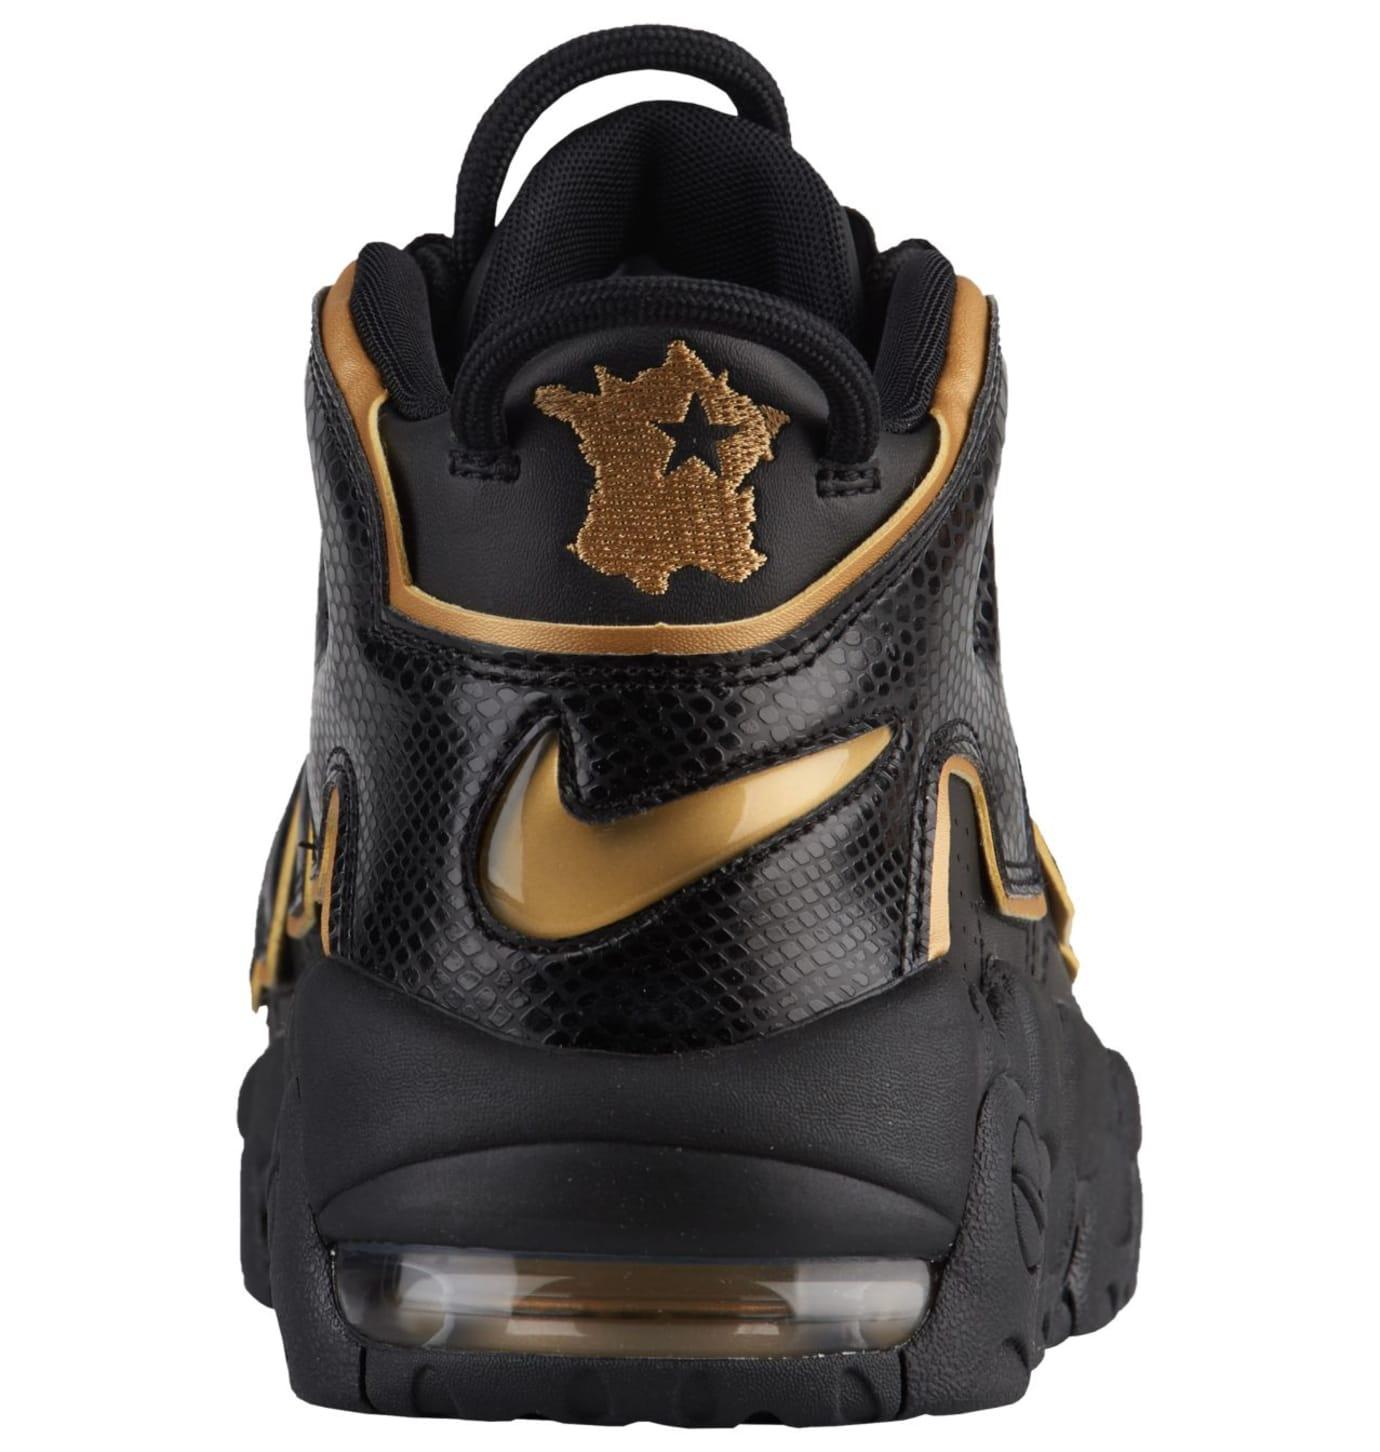 2018 sneakers utterly stylish purchase cheap Nike Air More Uptempo Black/Metallic Gold 'France' AV3810 ...